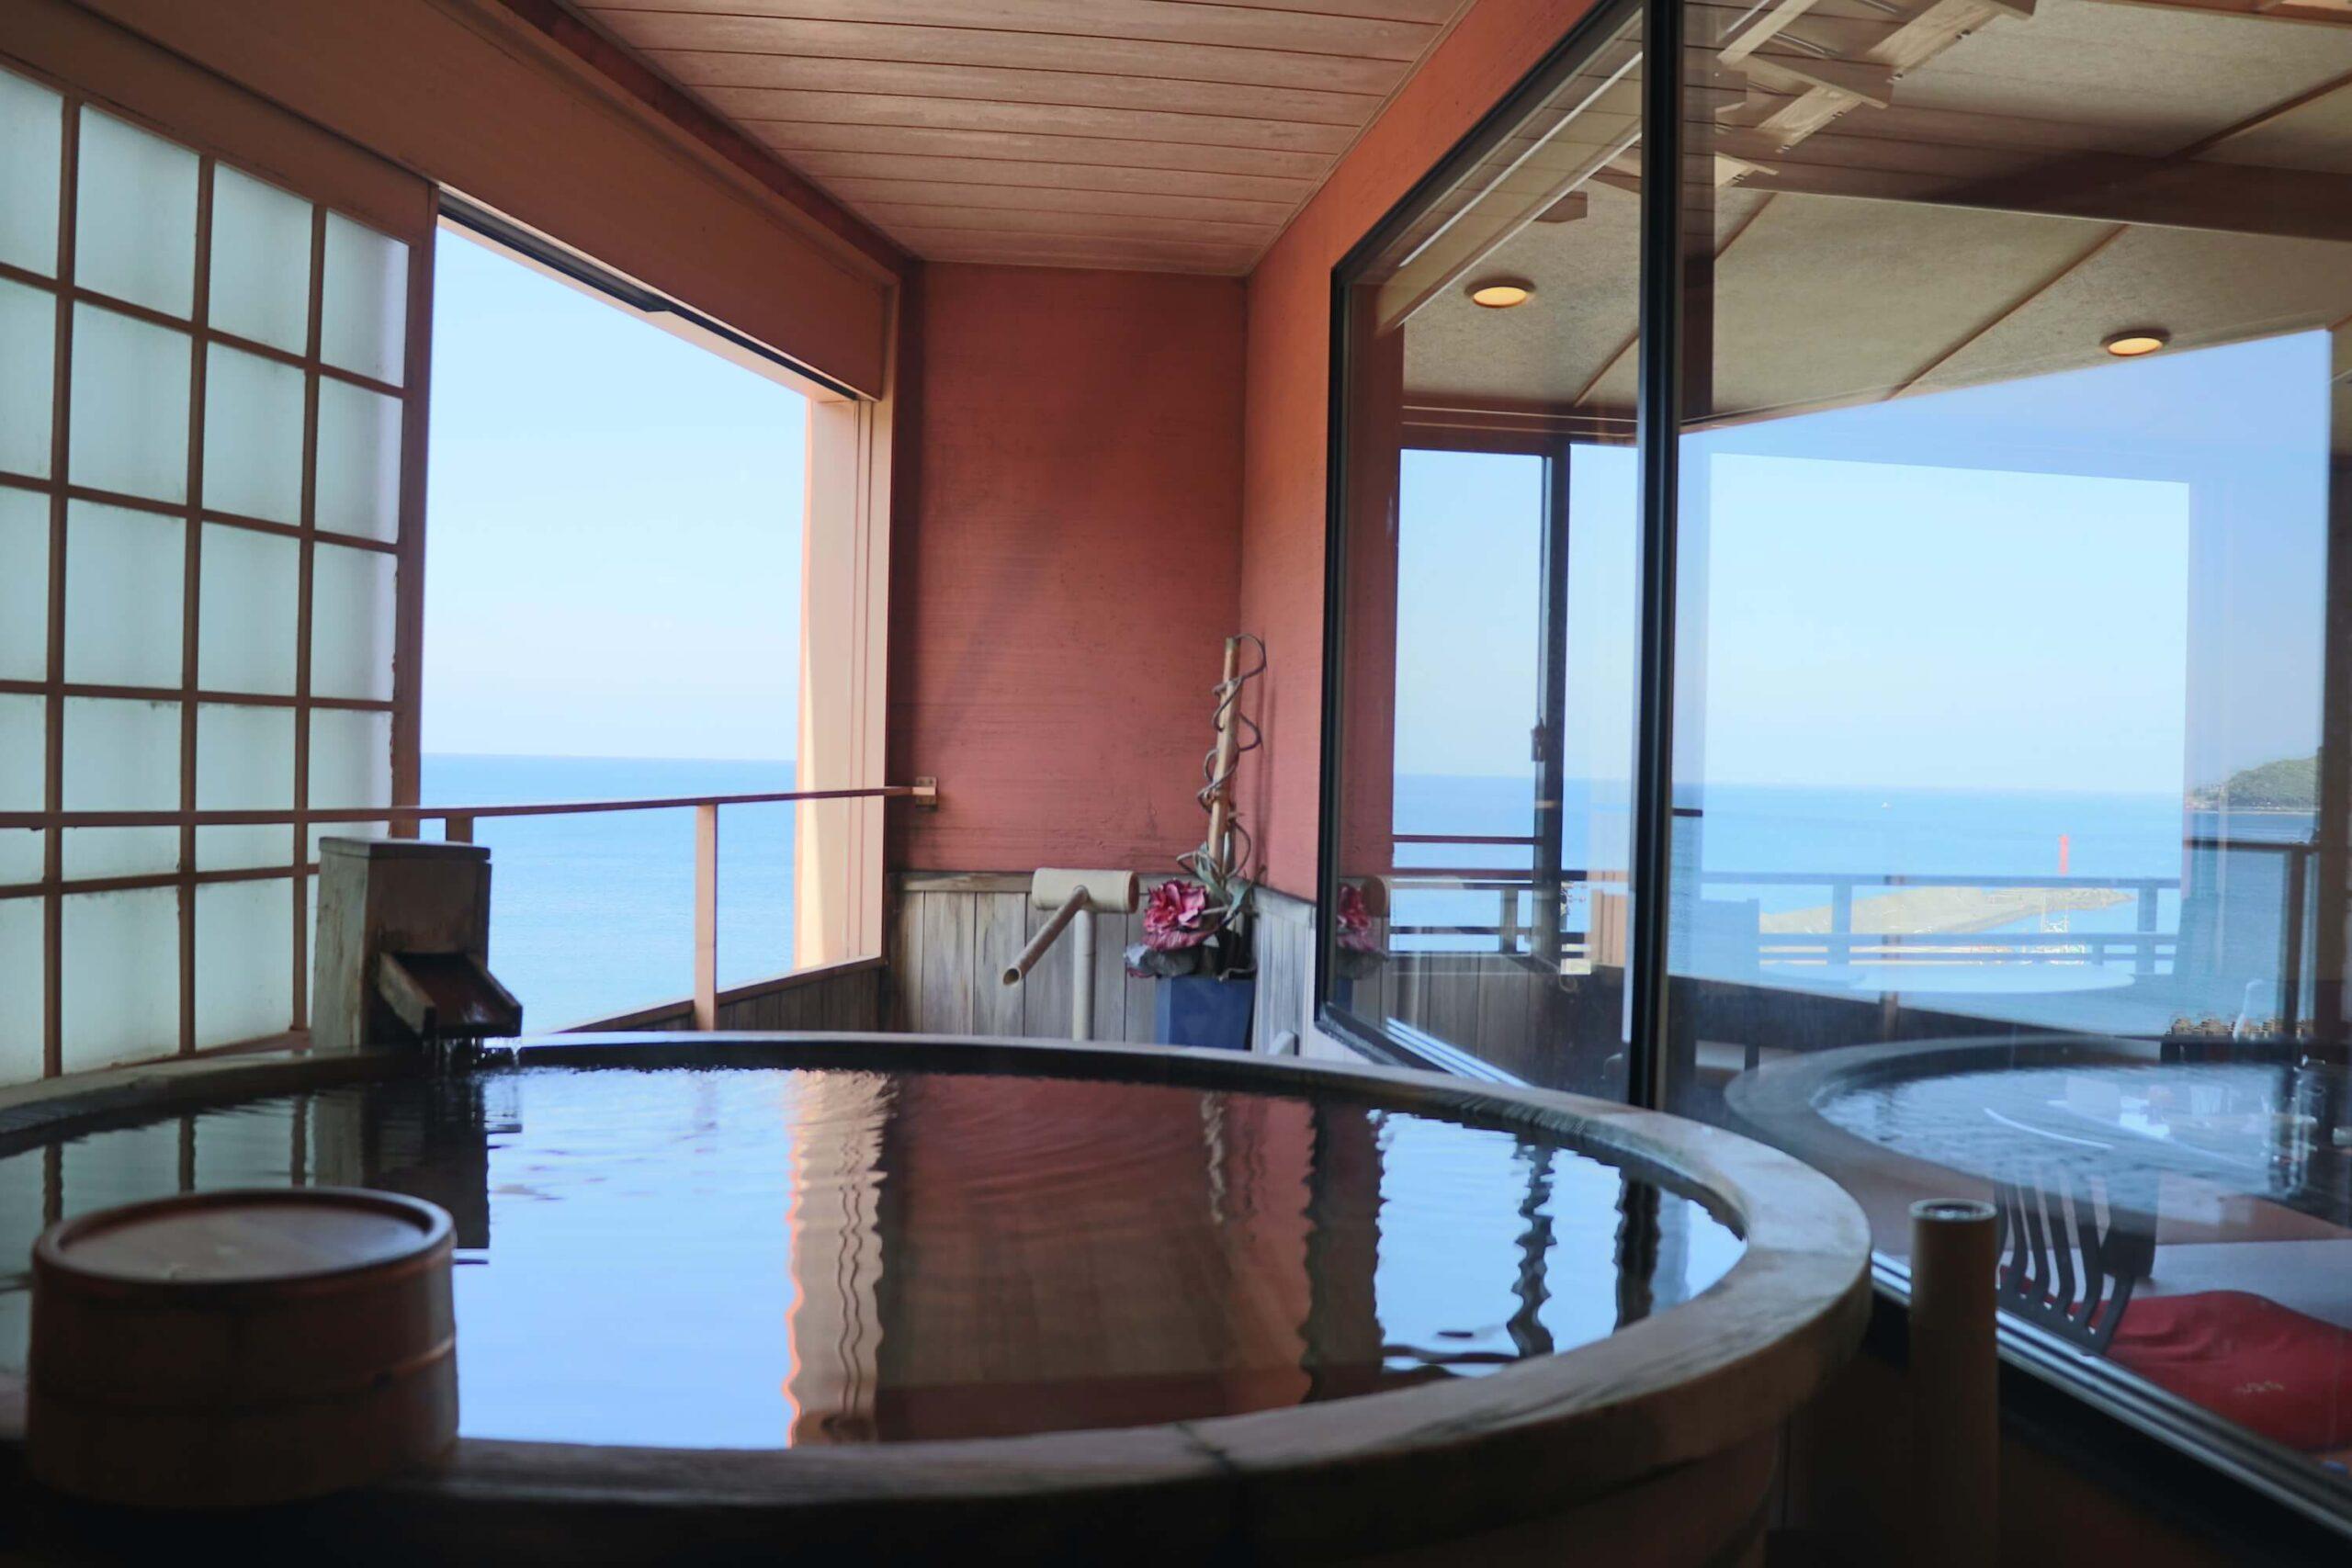 伊豆の部屋食プランのある宿の粋松亭の客室露天風呂